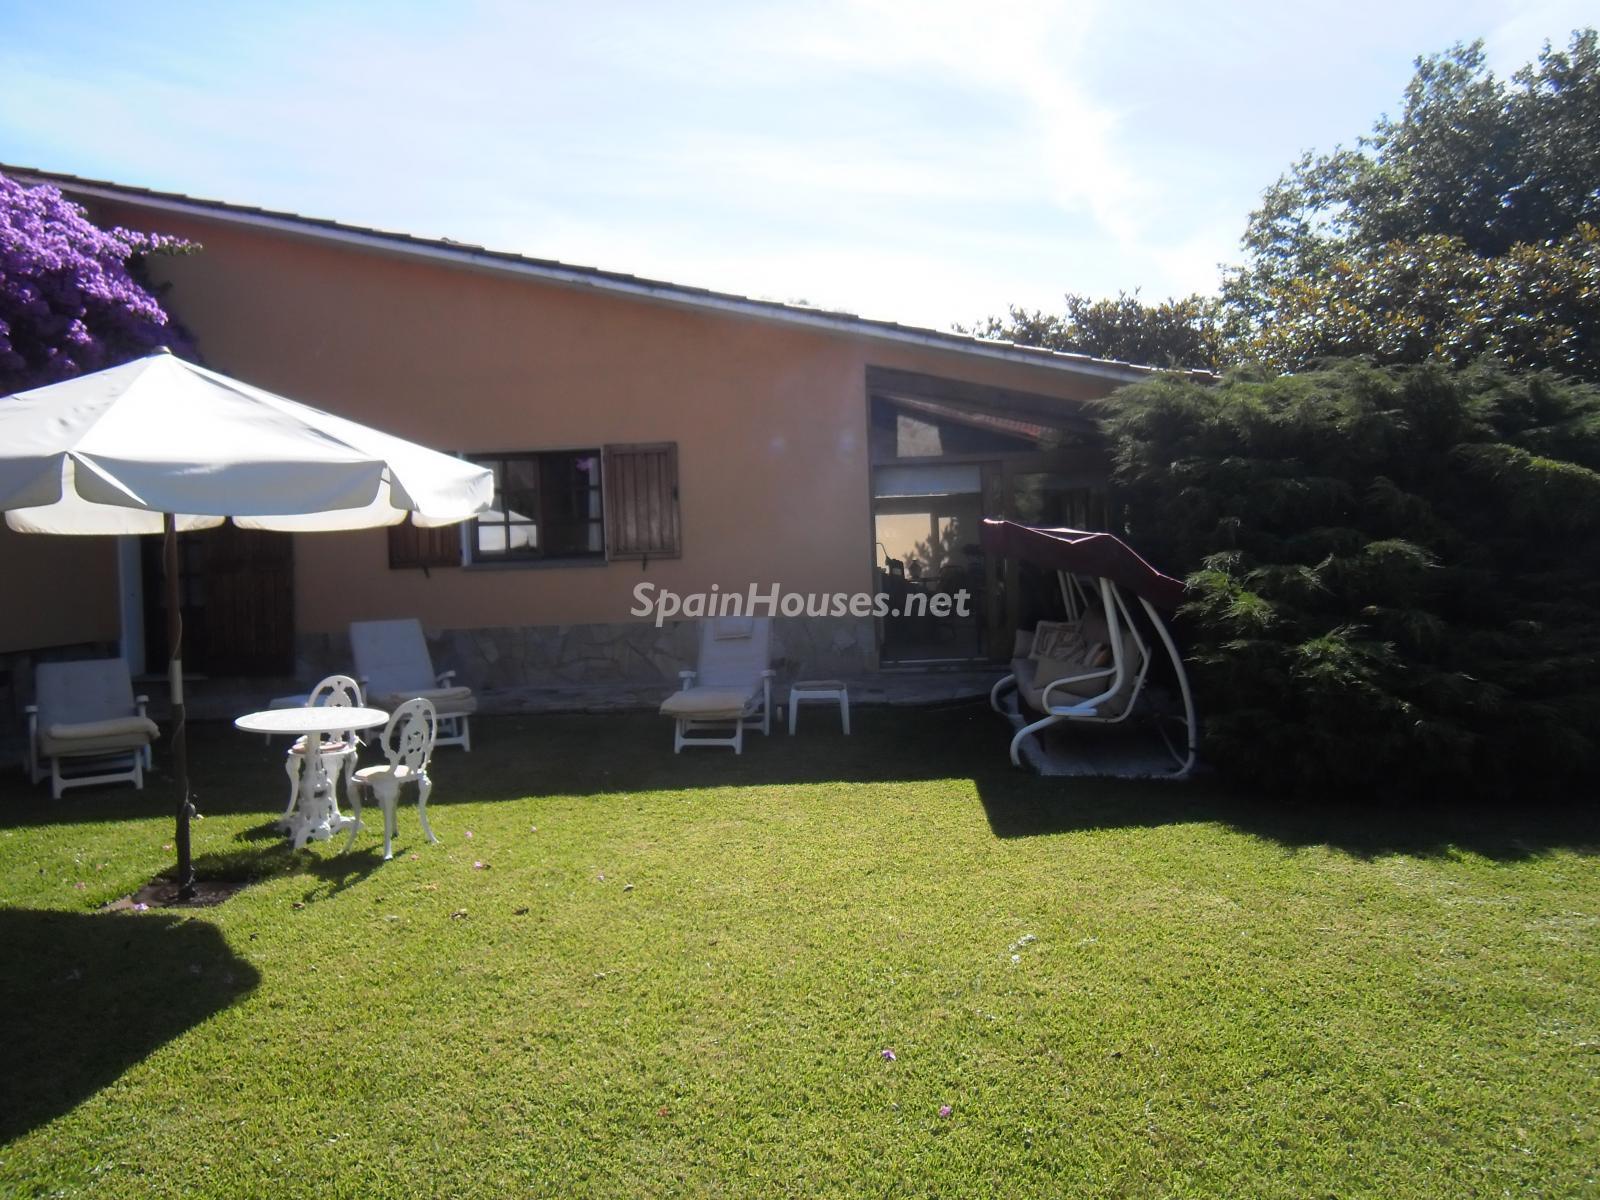 Foto 24 - Chalet independiente en venta en Oleiros, Ref: 1825929